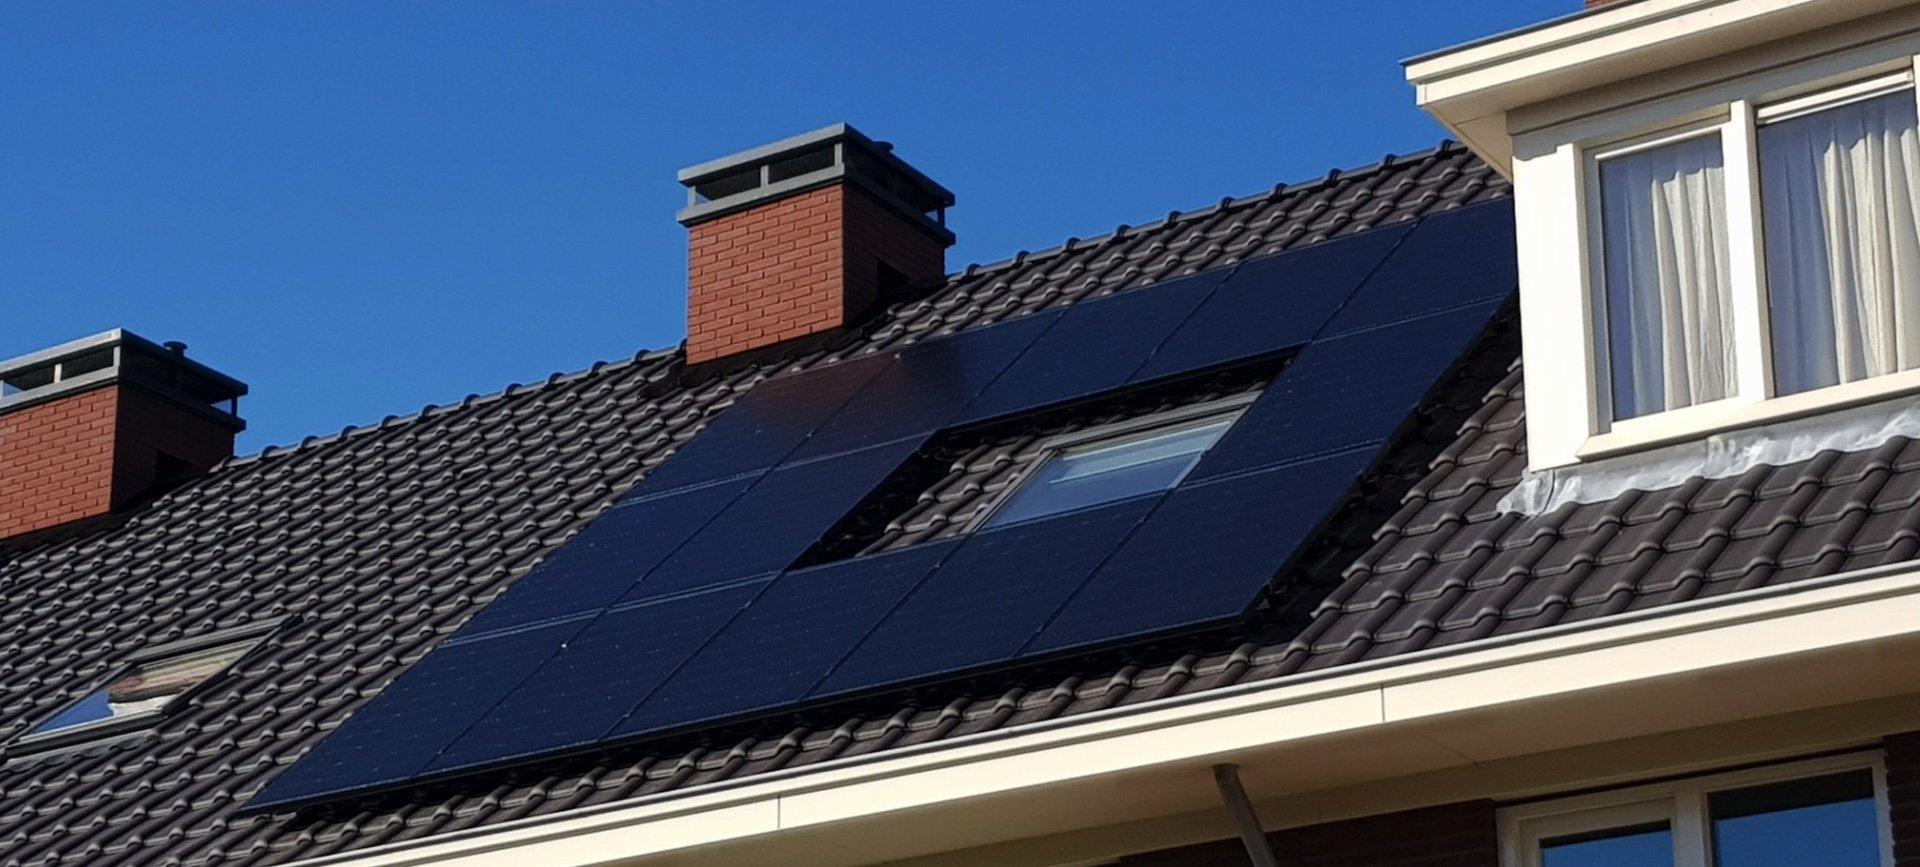 Familie Horck - 13 Solarwatt glas-glas zonnepanelen